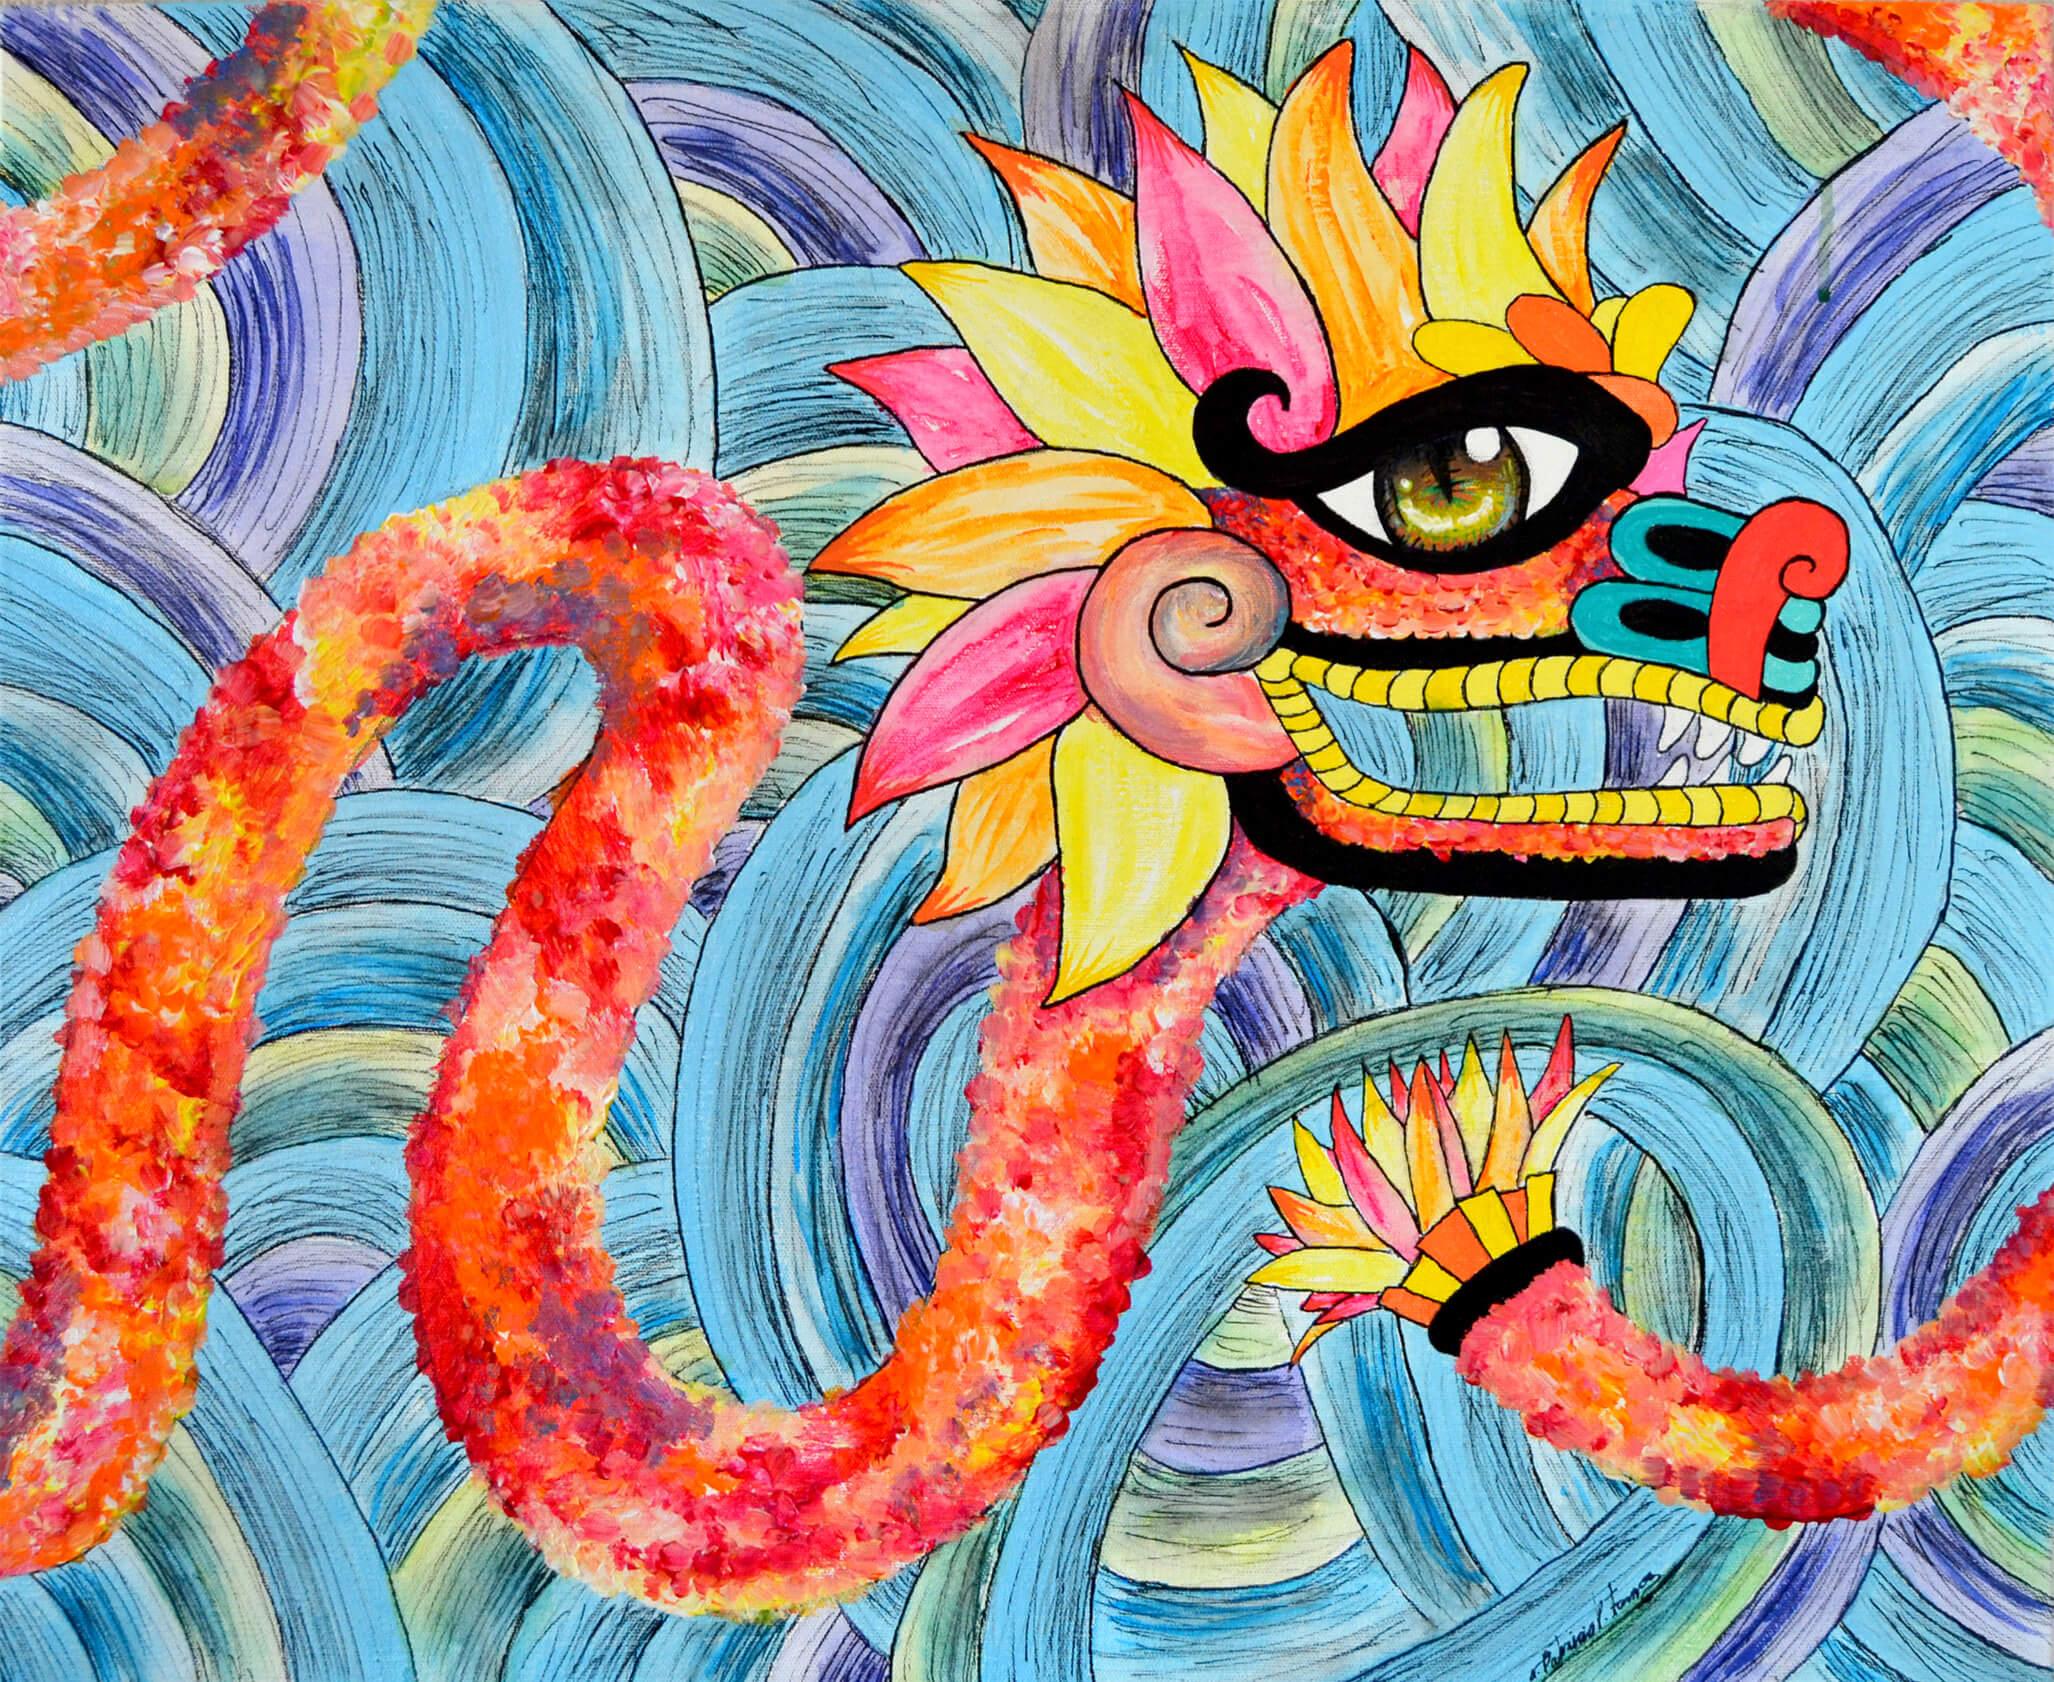 Mister Quetzalcóatl